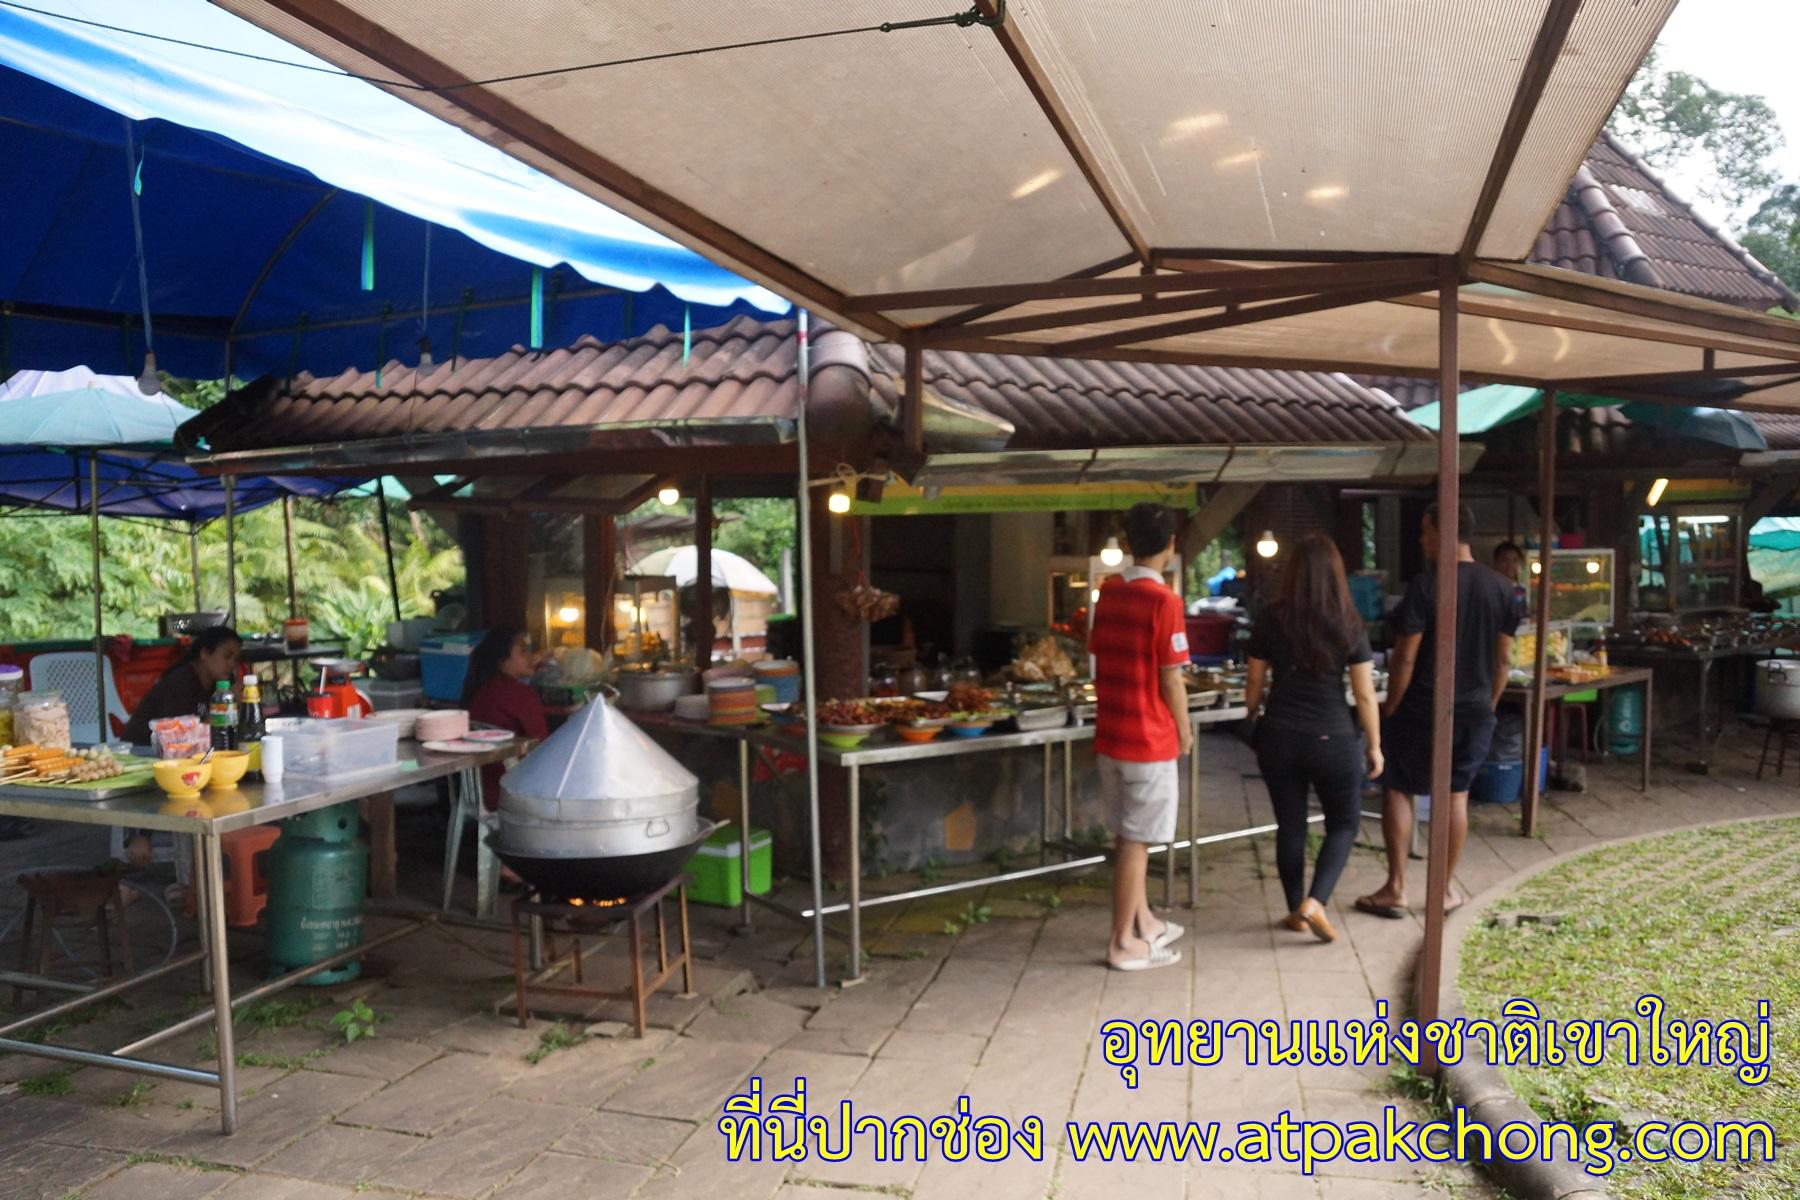 ร้านอาหาร สำหรับจำหน่ายให้นักท่องเที่ยว อุทยานแห่งชาติเขาใหญ่